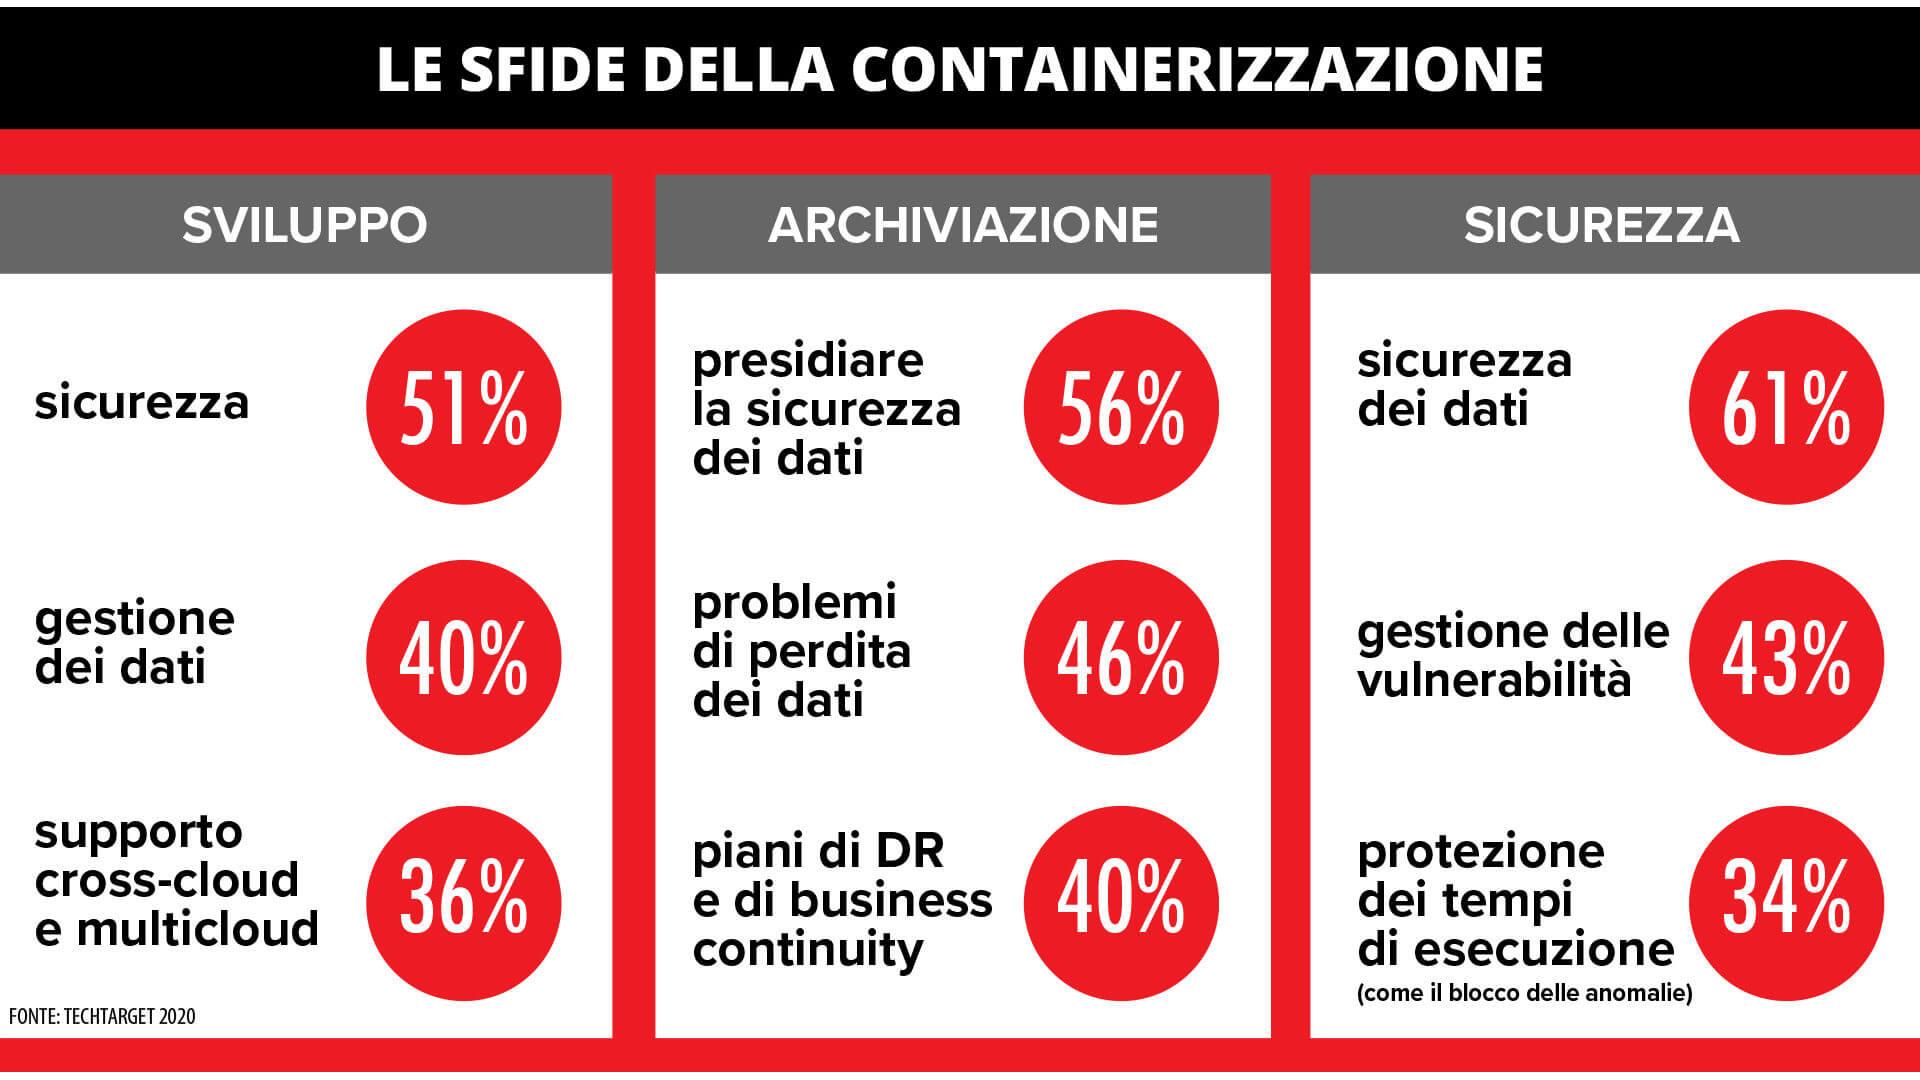 sfide containerizzazione